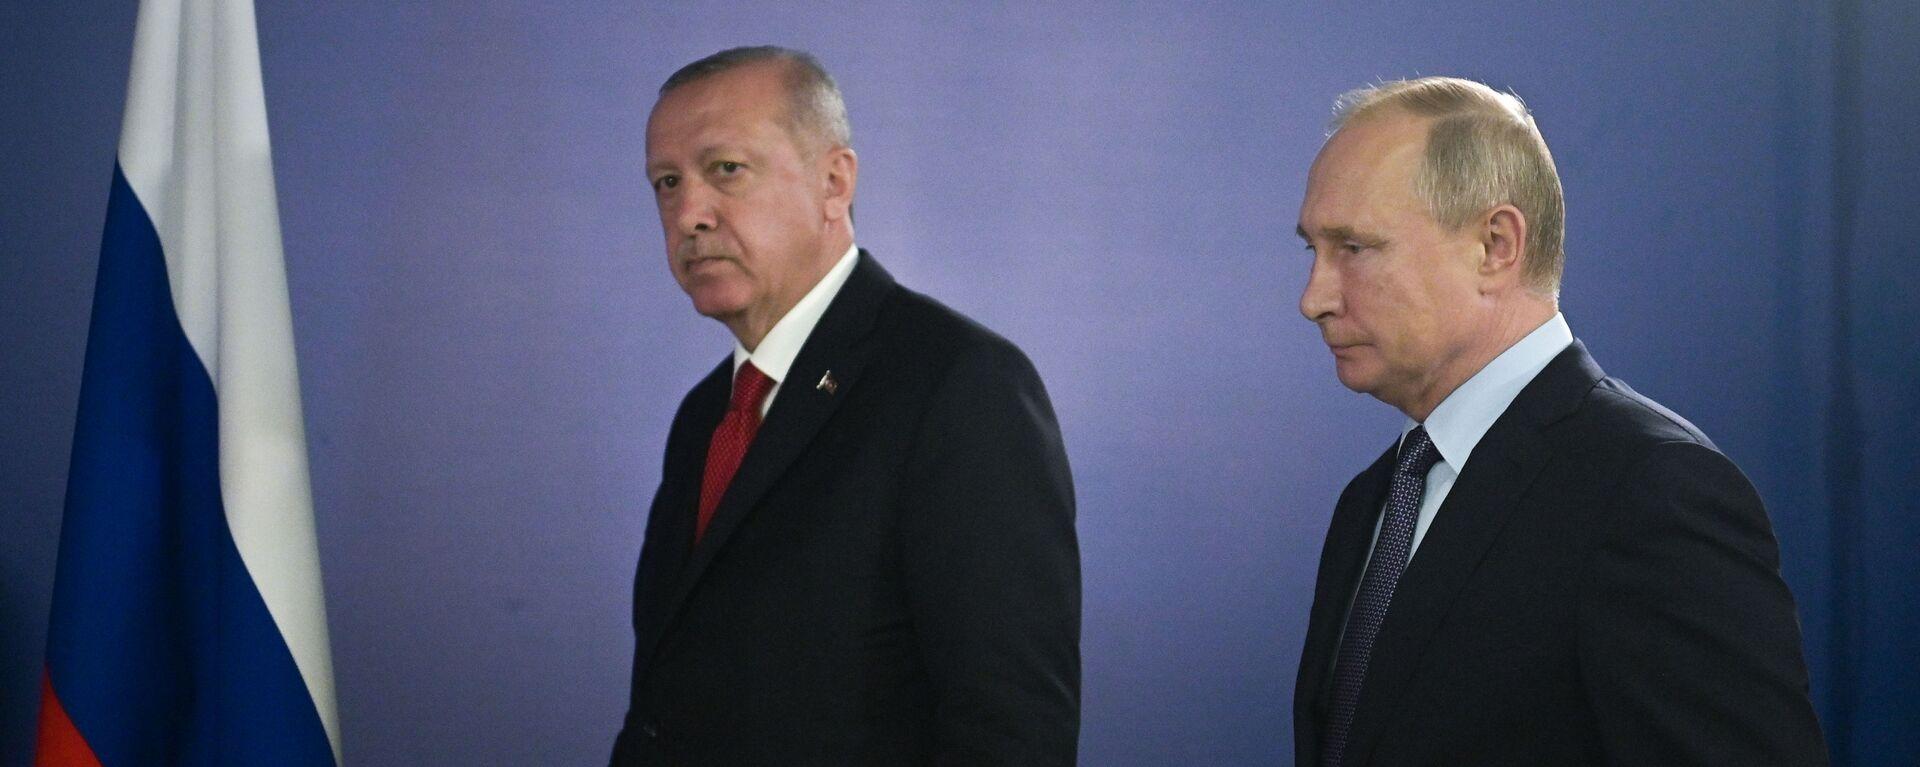 Ο Βλαντιμίρ Πούτιν και ο Ρετζέπ Ταγίπ Ερντογάν. - Sputnik Ελλάδα, 1920, 04.08.2021